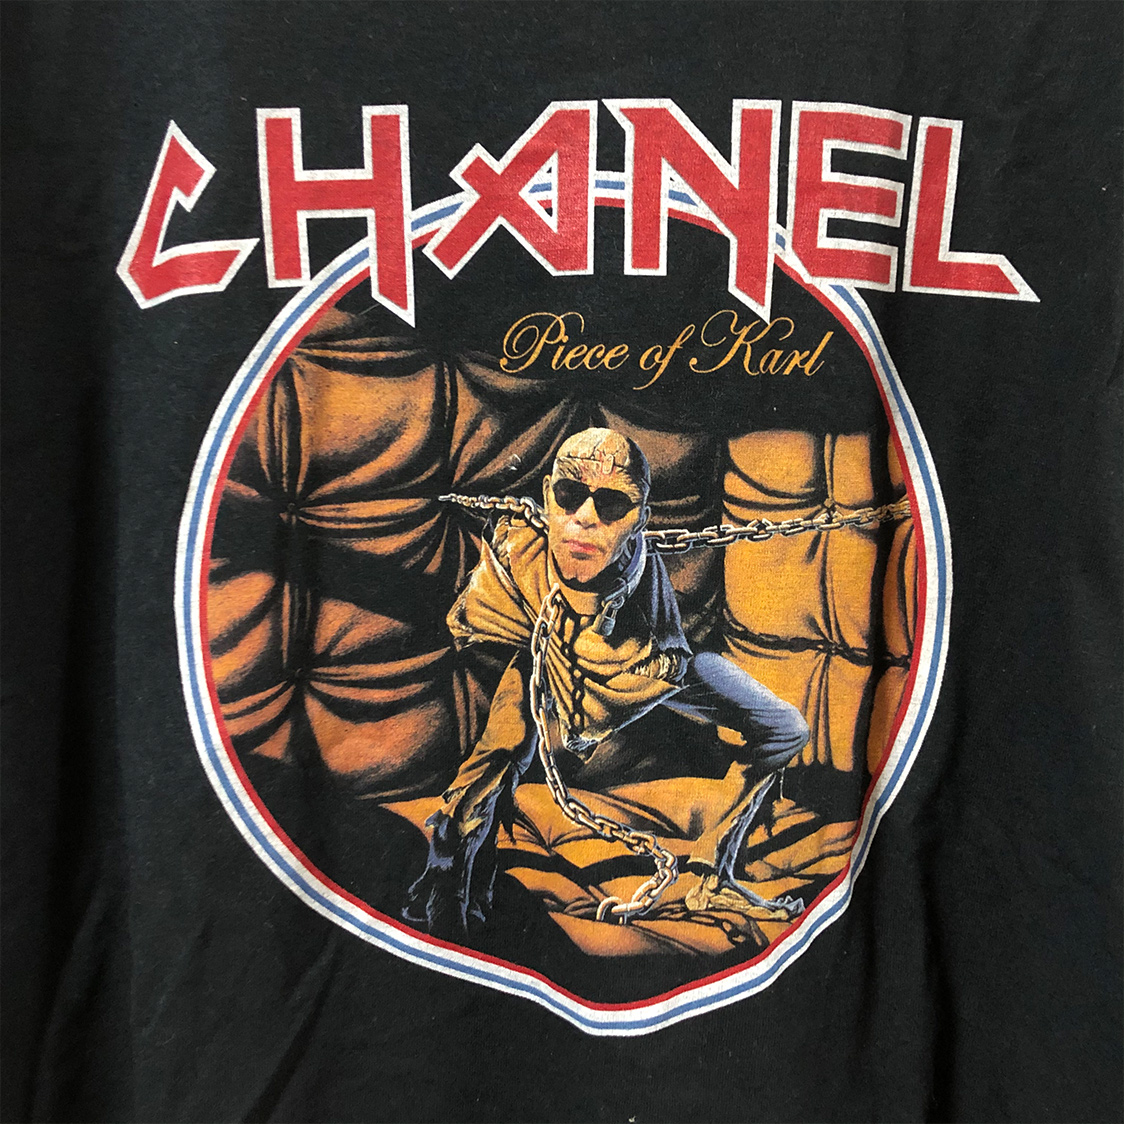 BLEACH ブリーチ 【Lサイズ】 パロディ Tシャツ バンドtee バックプリント ブラック CHANEL